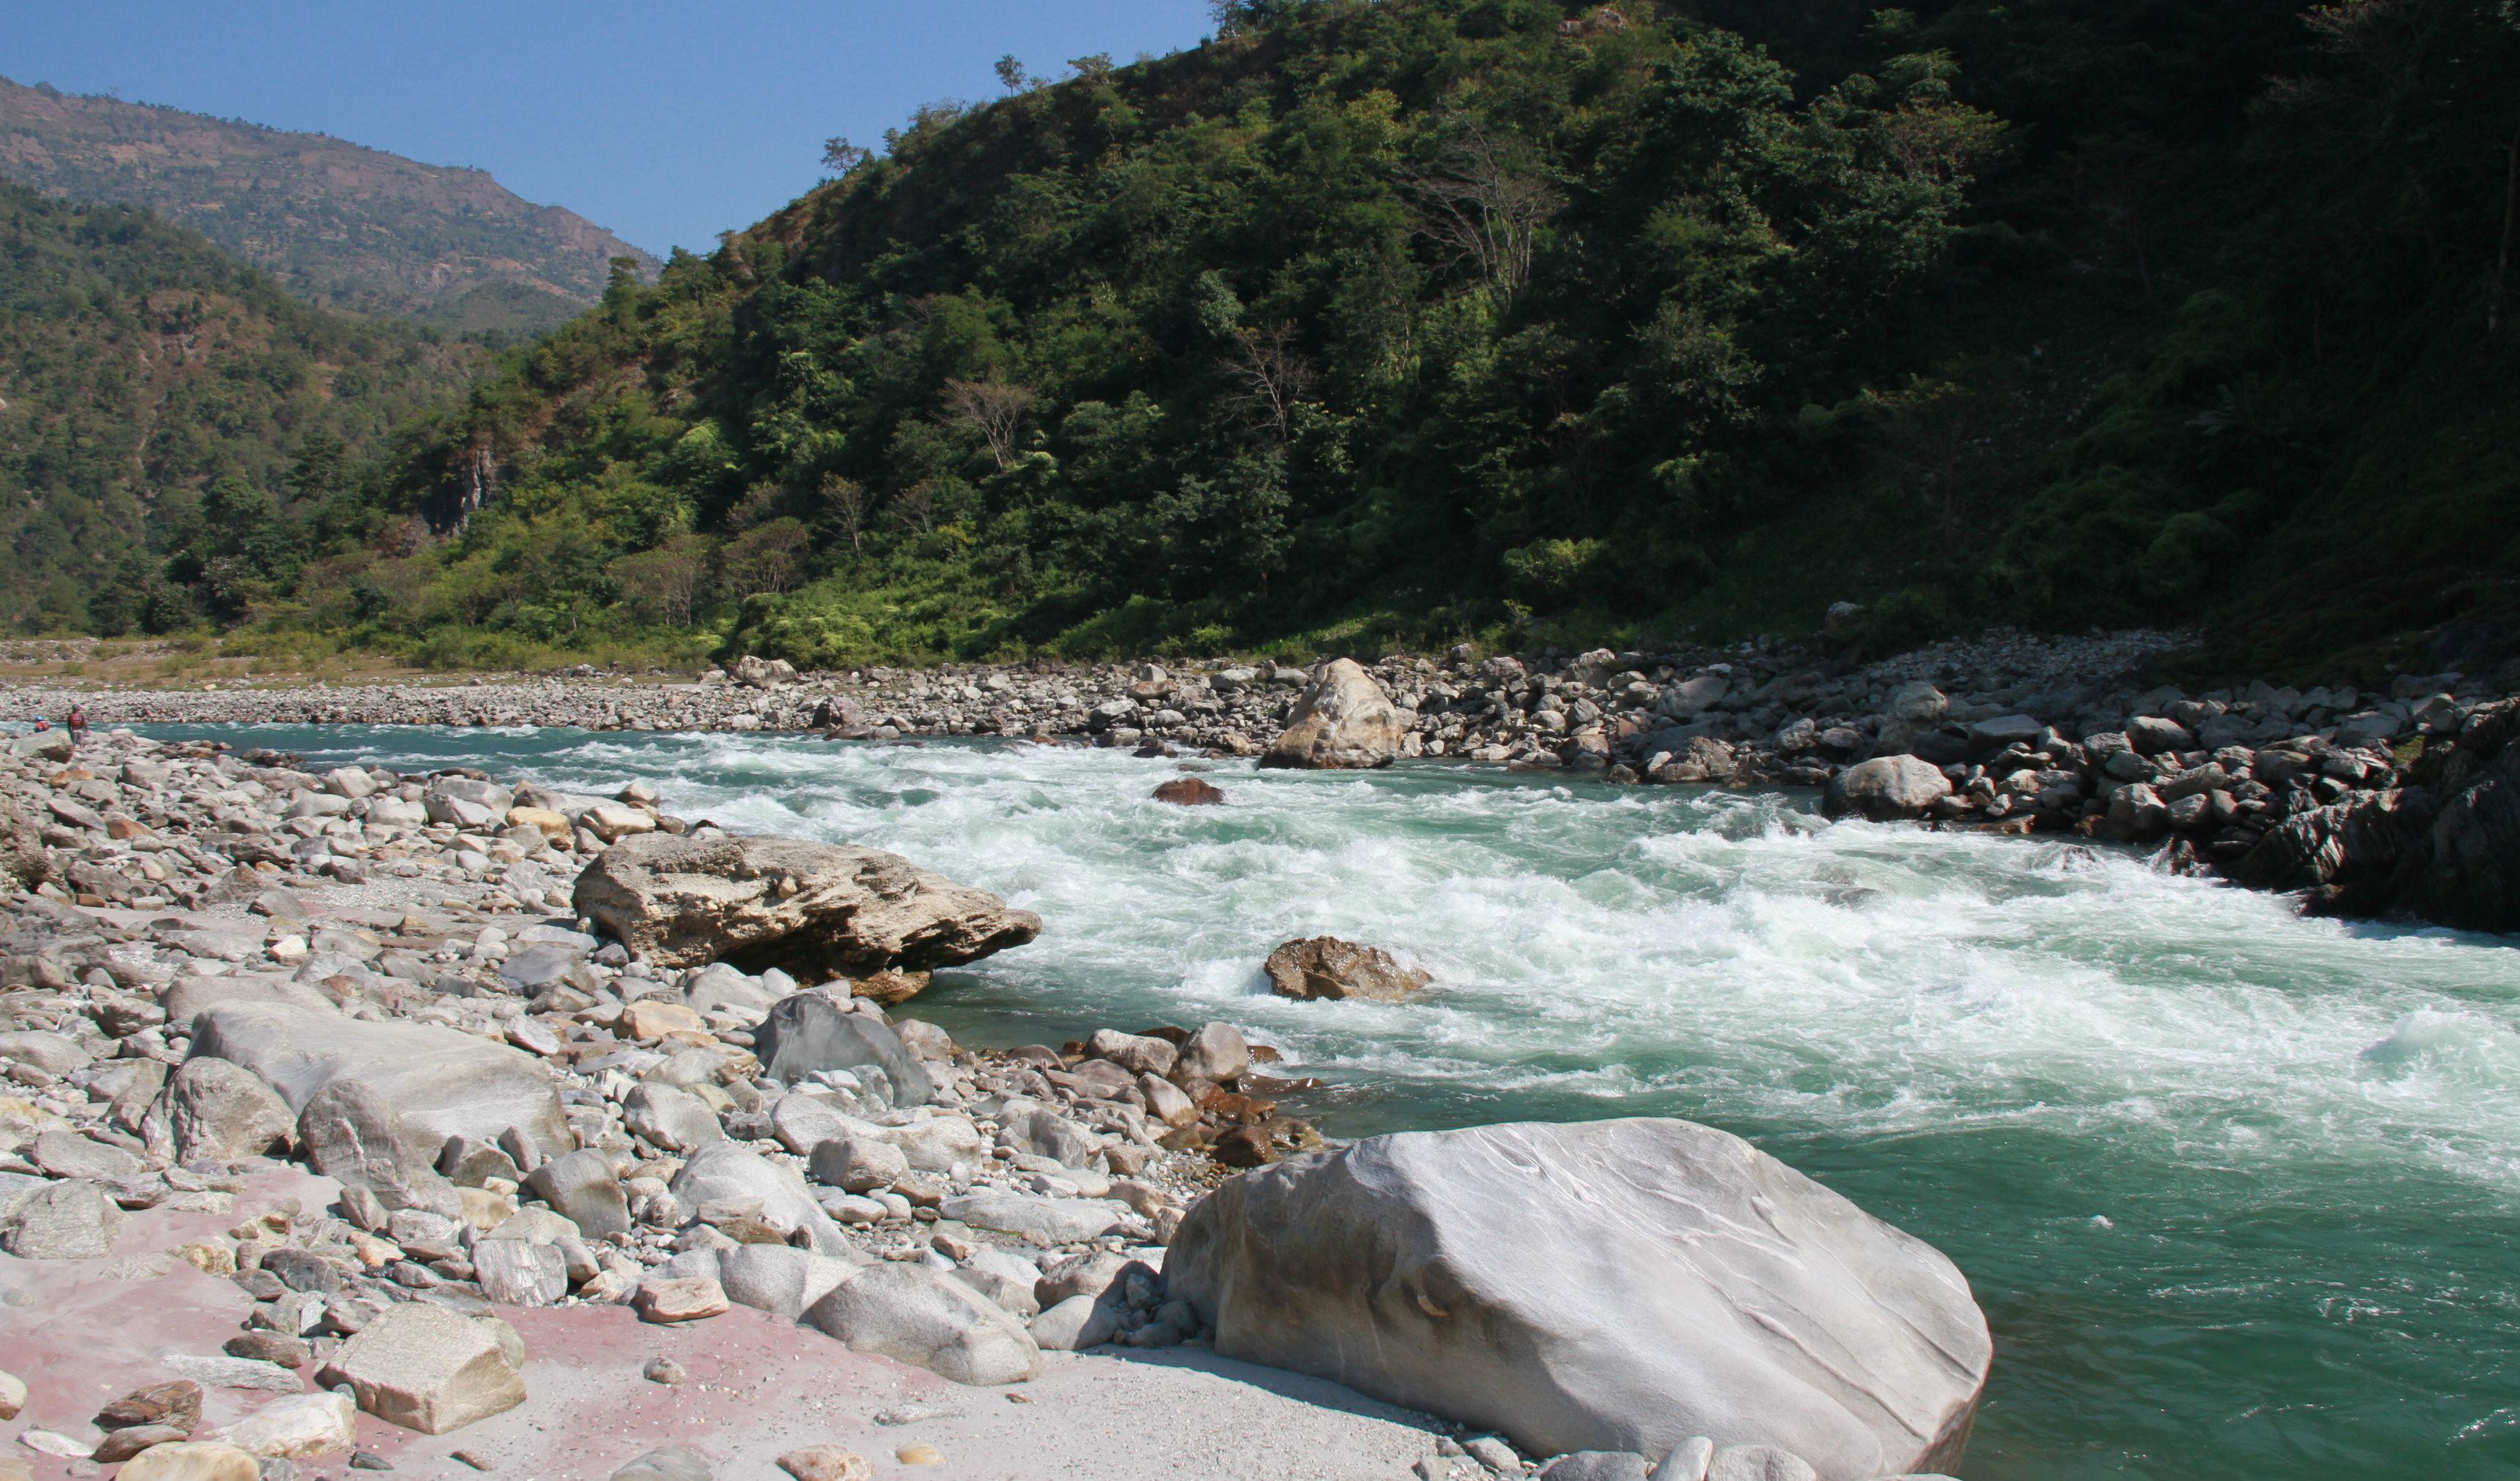 Upper Kali Gandaki River